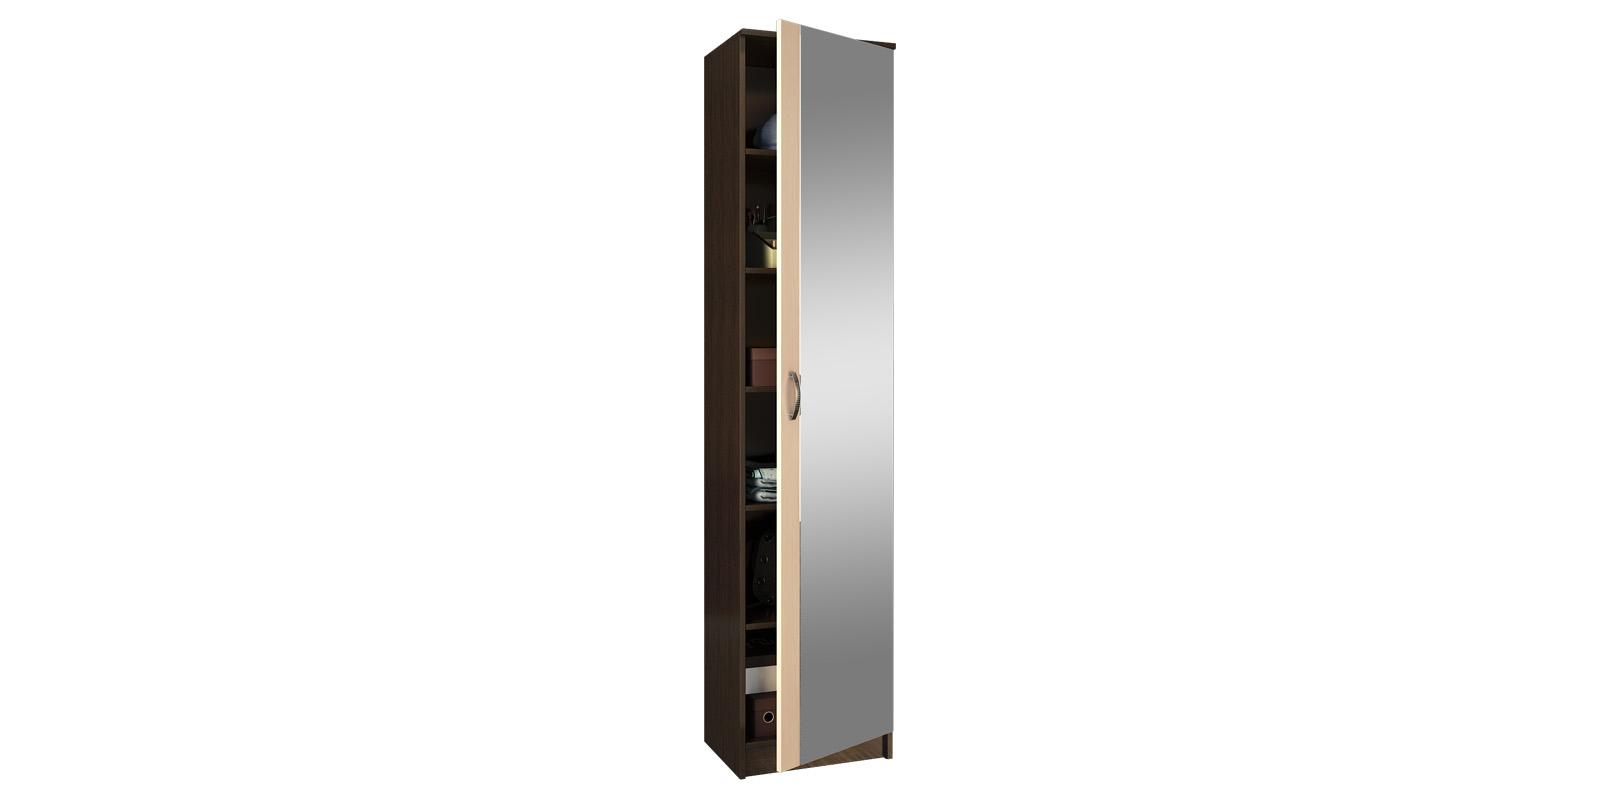 Шкаф распашной однодверный Хельга вариант №2 (венге/дуб молочный)